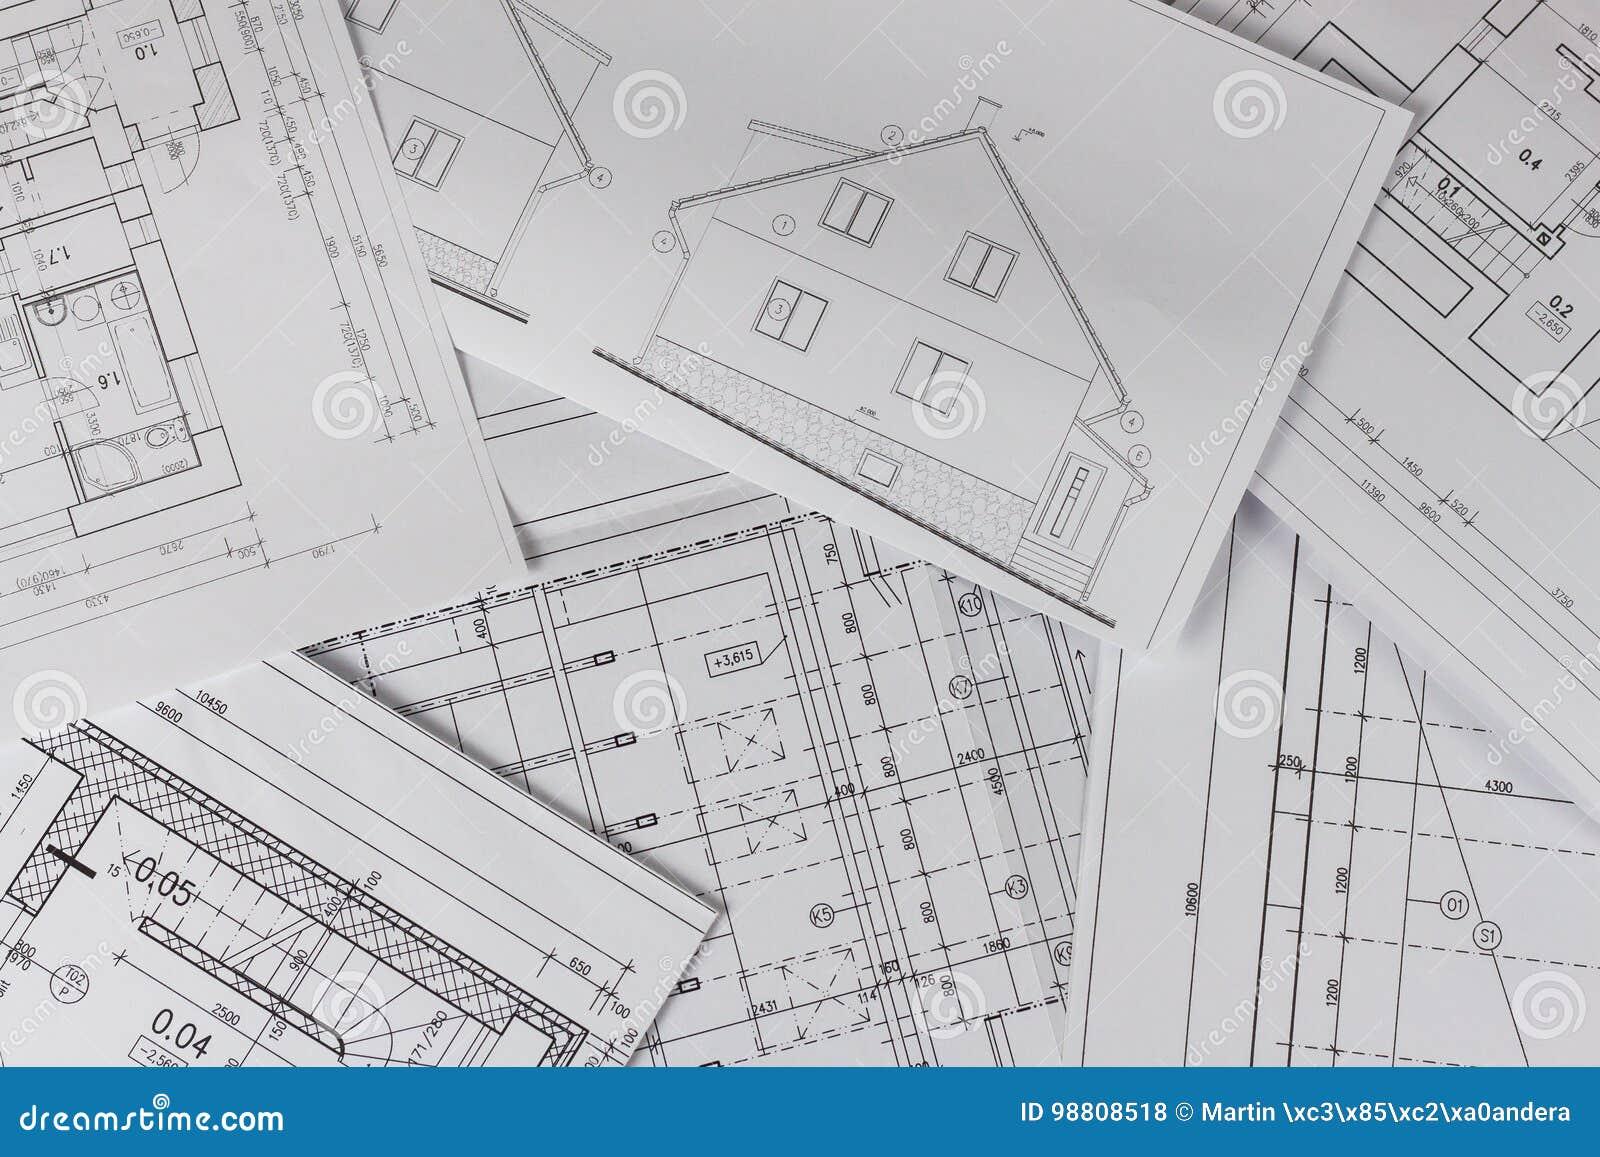 Pläne Des Gebäudes /Planen Gebäudemodell Und Entwurfswerkzeuge Auf Bau  Grundriss Entwarf Gebäude Auf Der Zeichnung Technik Und Te. Architektur,  Nahaufnahme.